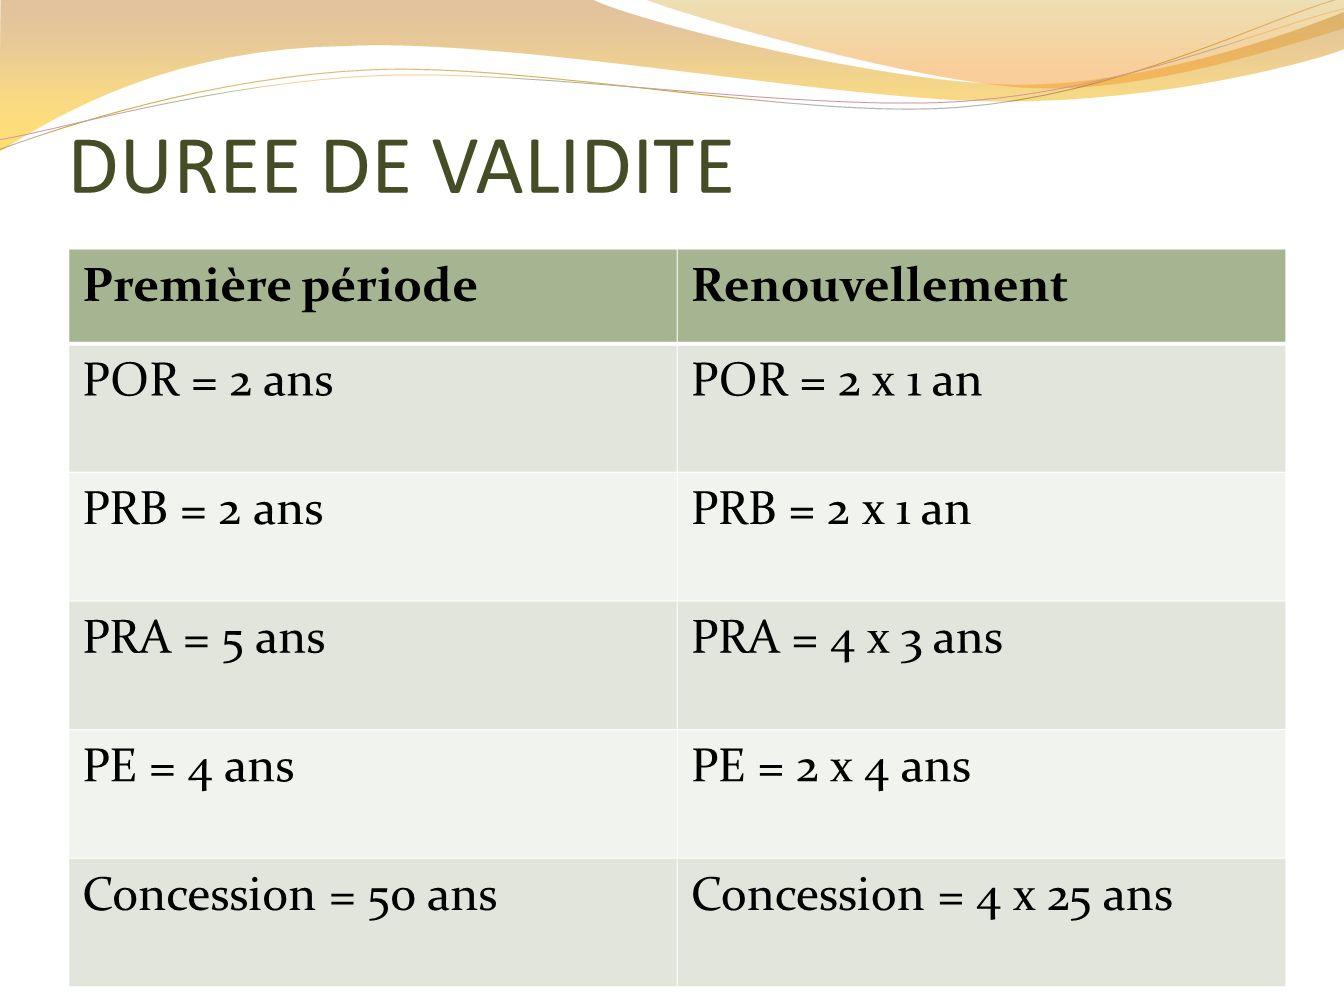 DUREE DE VALIDITE Première périodeRenouvellement POR = 2 ansPOR = 2 x 1 an PRB = 2 ansPRB = 2 x 1 an PRA = 5 ansPRA = 4 x 3 ans PE = 4 ansPE = 2 x 4 a